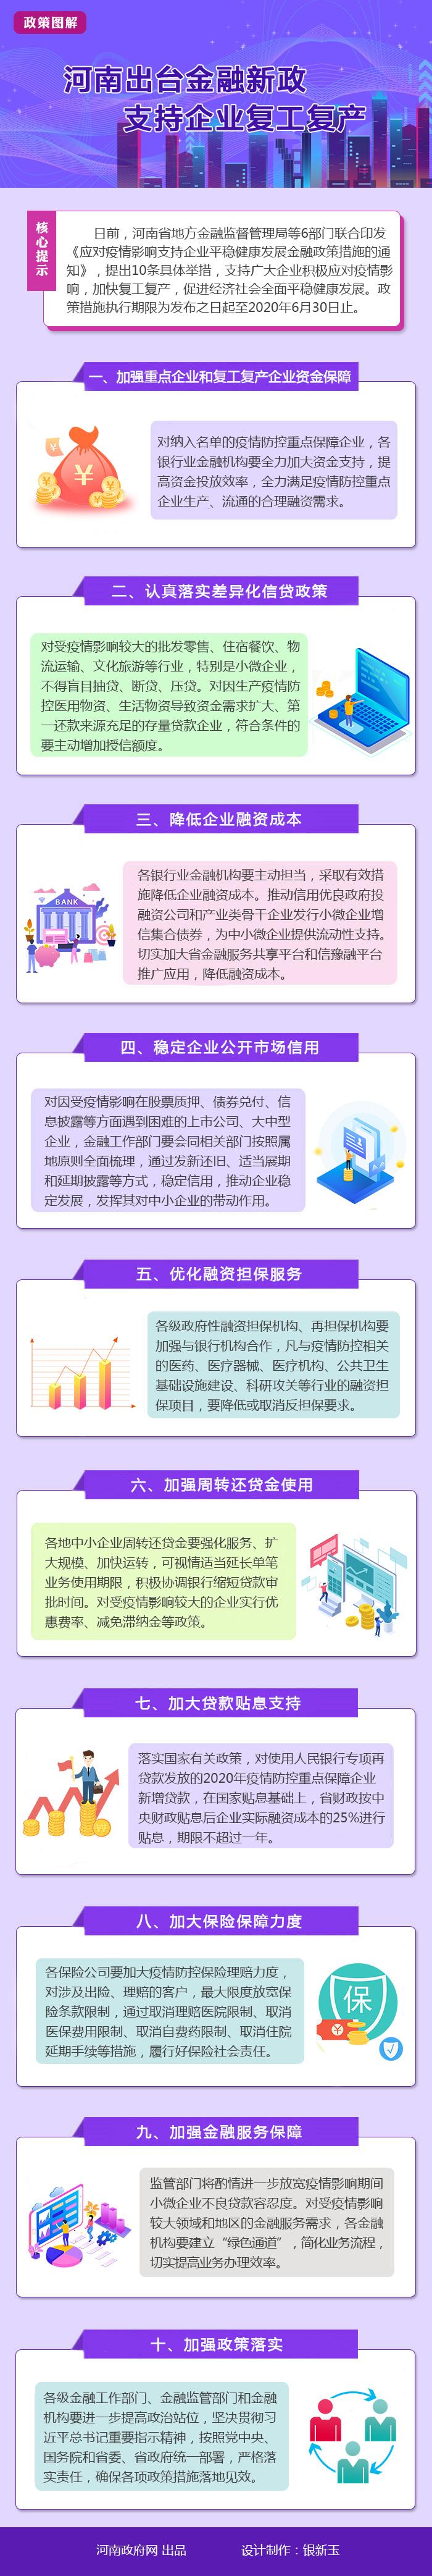 金融政策圖解.jpg